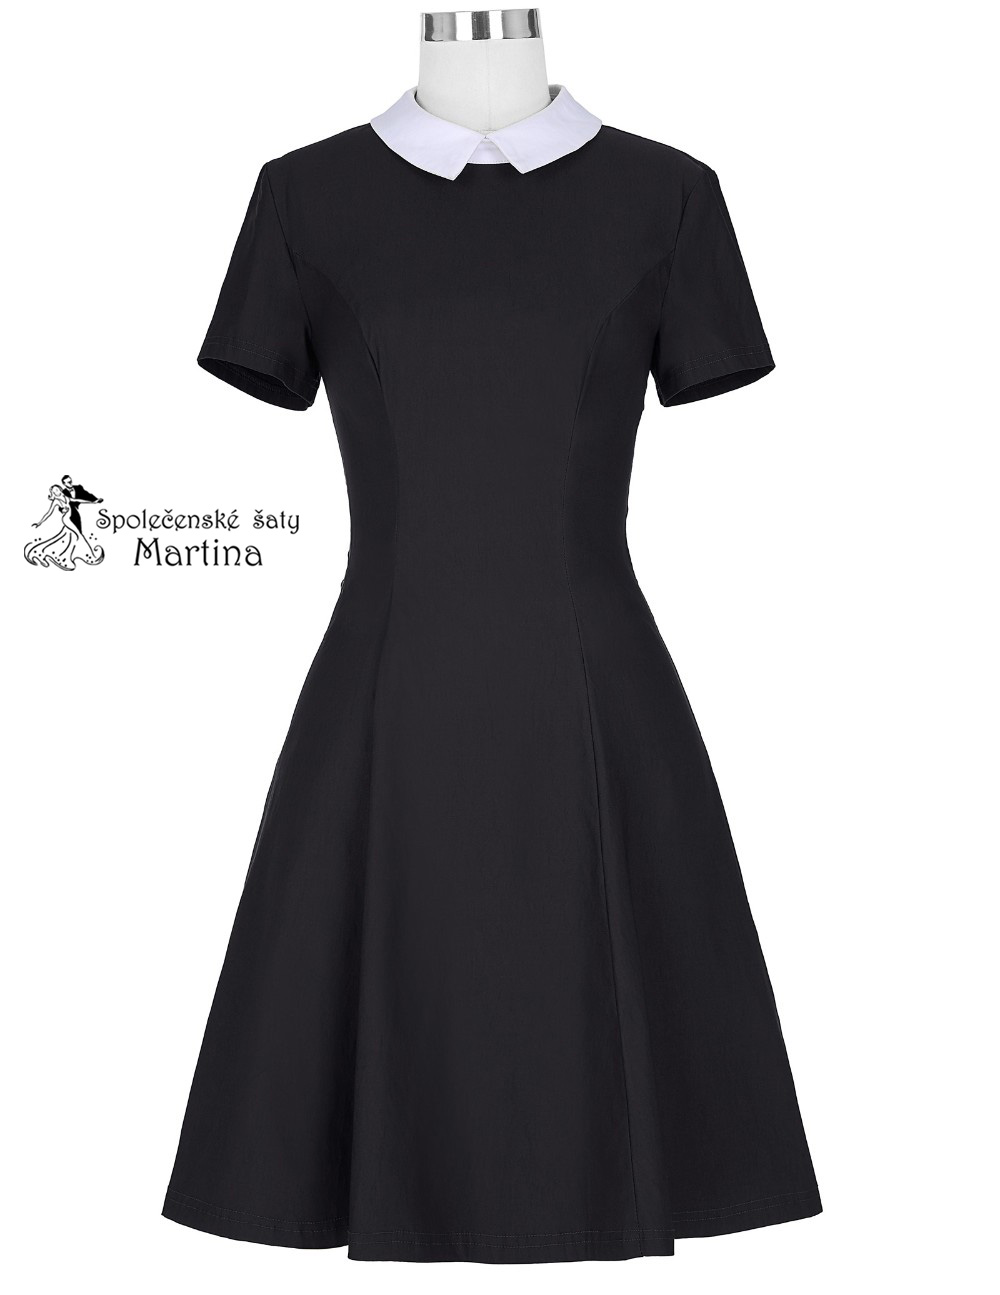 Spoločenské šaty - Koktejlové šaty - Koktejlky - Obrázok č. 2